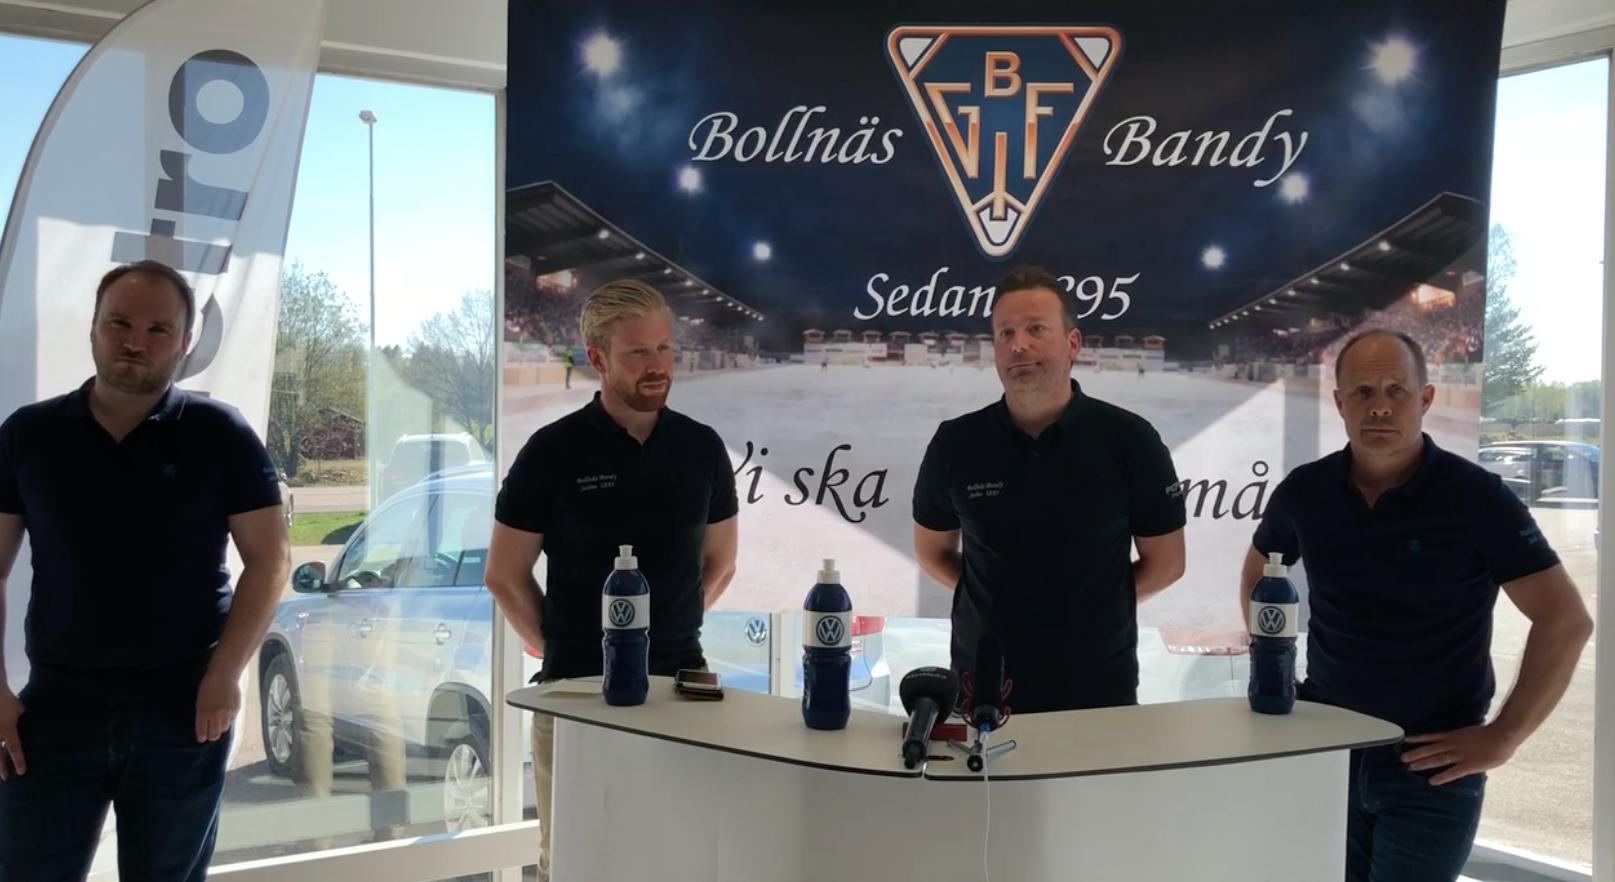 Fansens presskonferens med Svenne Olsson